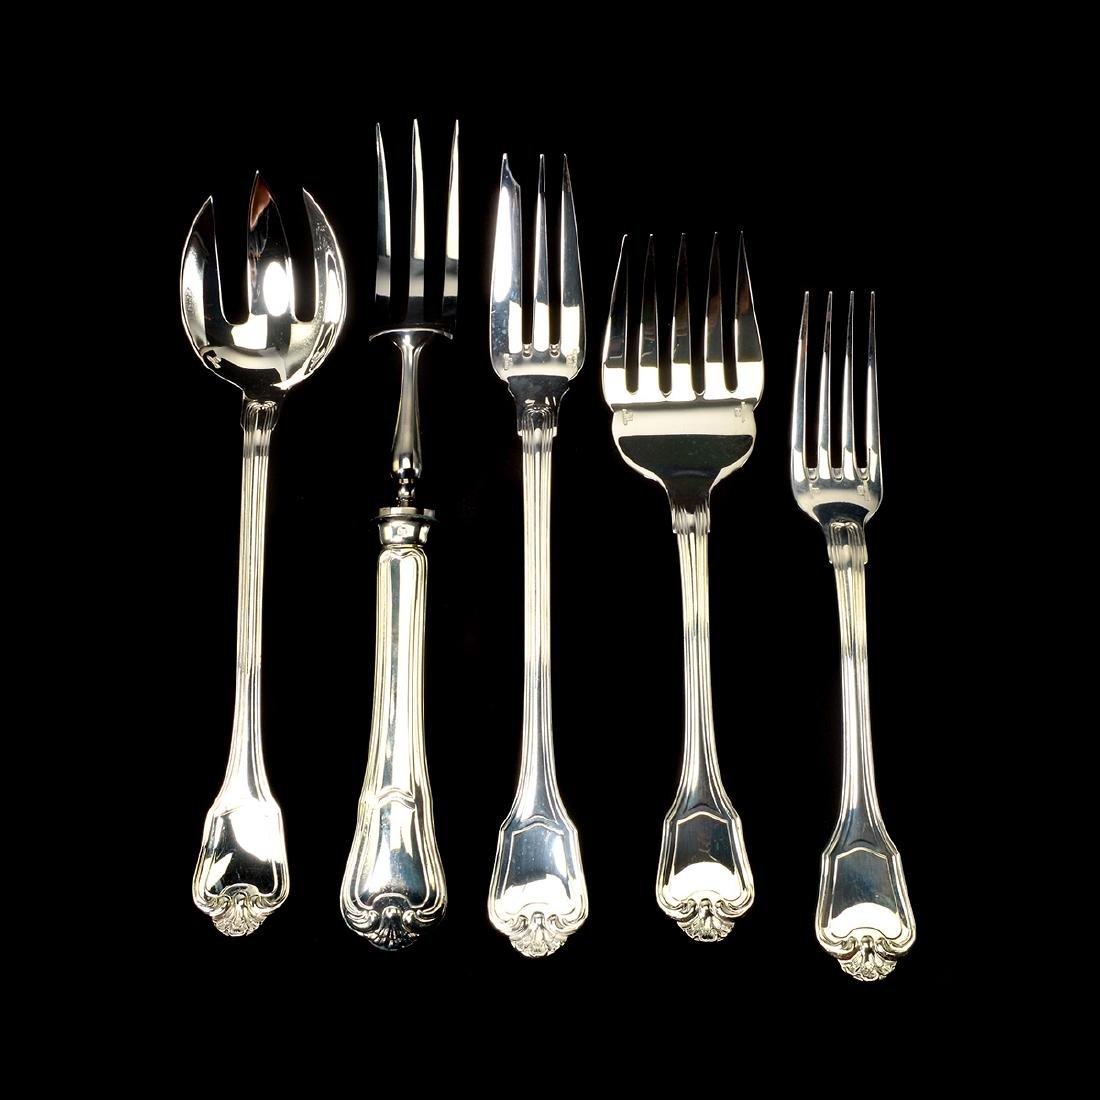 Christofle Silver-Plate Flatware, Case [144 pcs] - 6